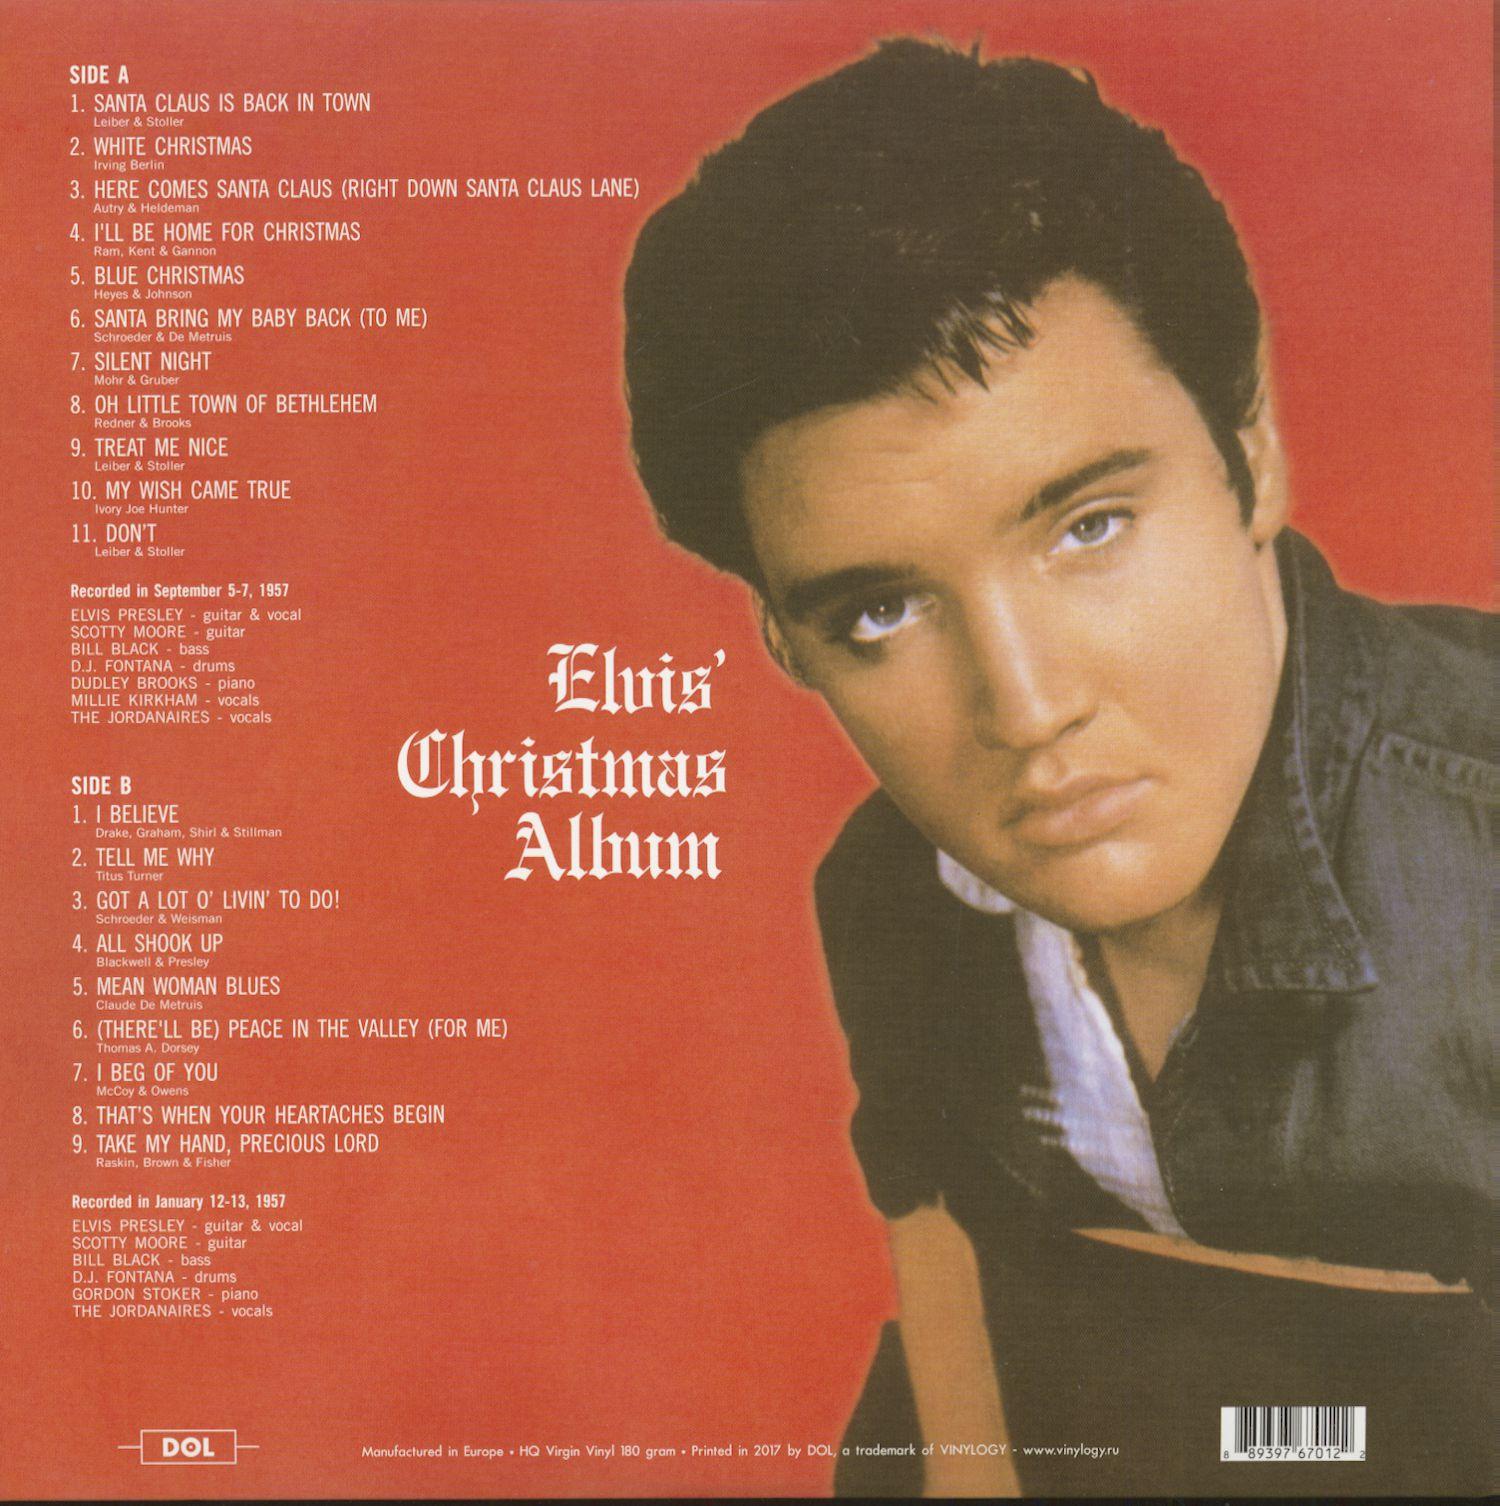 Elvis Christmas Album Vinyl.Elvis Presley Elvis Christmas Album Picture Lp 180g Vinyl